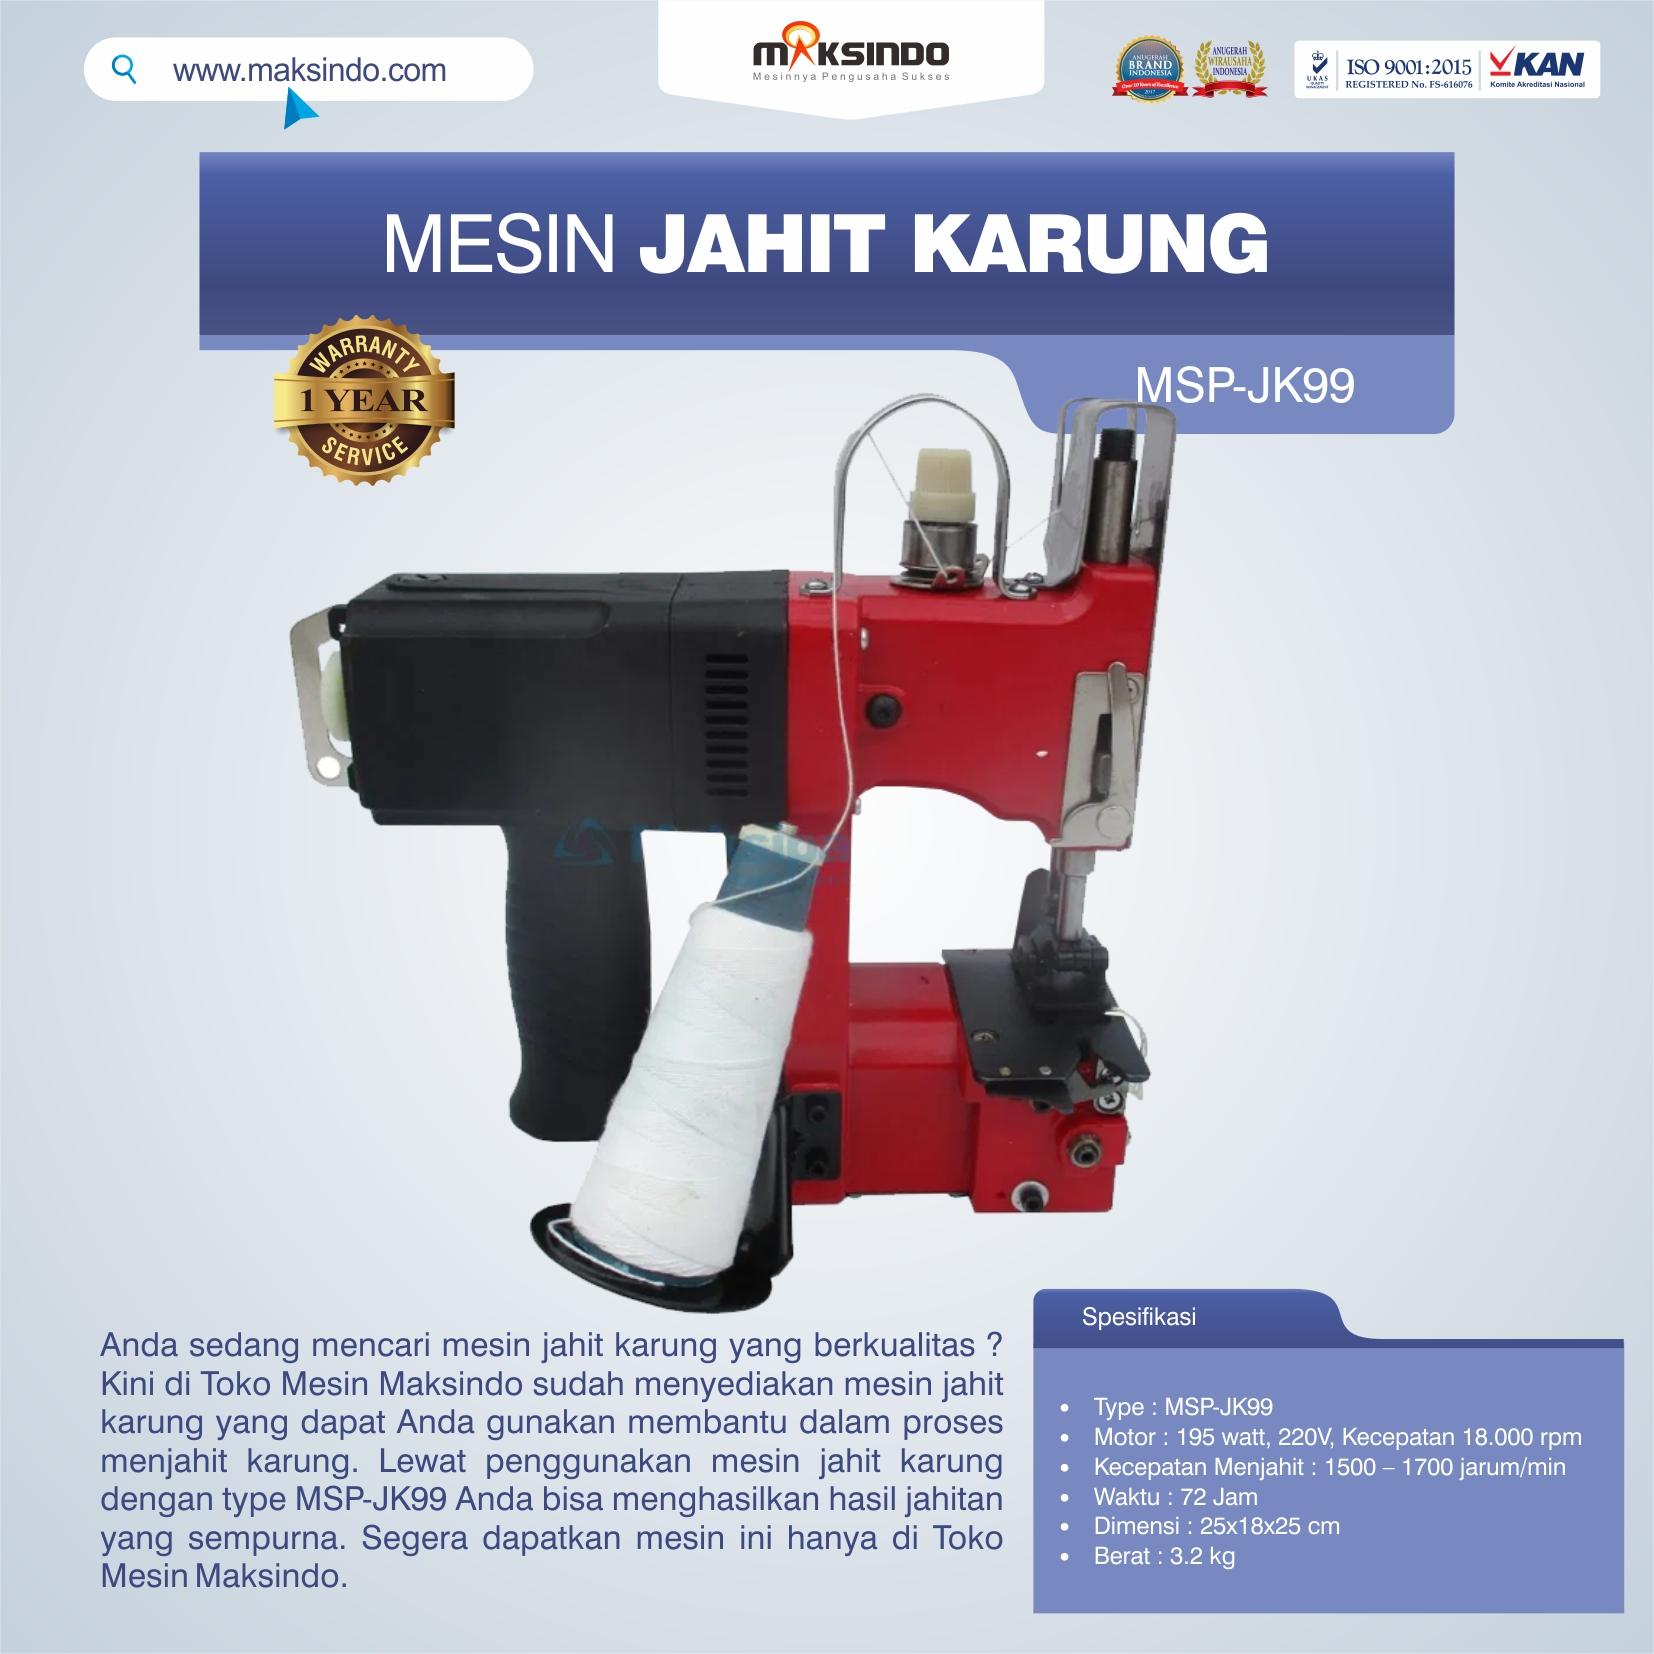 Jual Mesin Jahit Karung MSP-JK99 di Malang